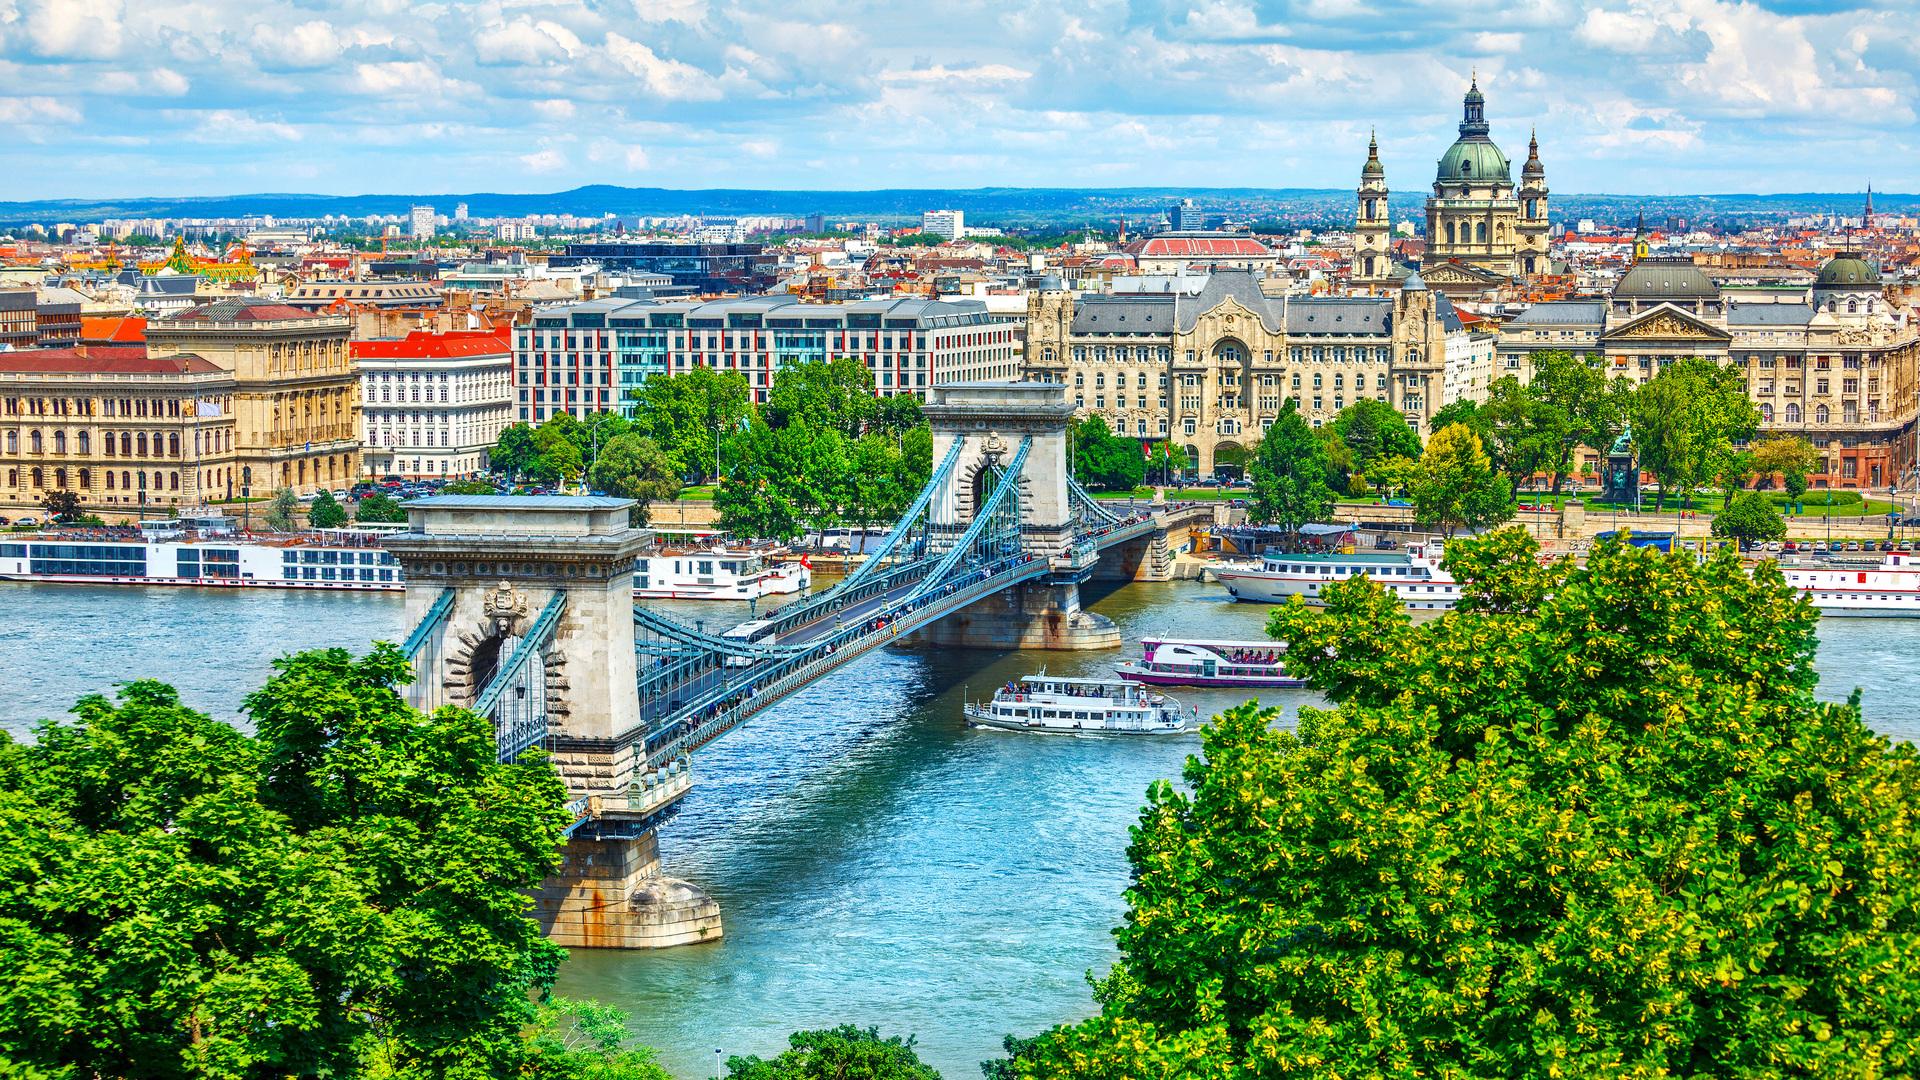 巴黎(Paris)-布达佩斯(Budapest)